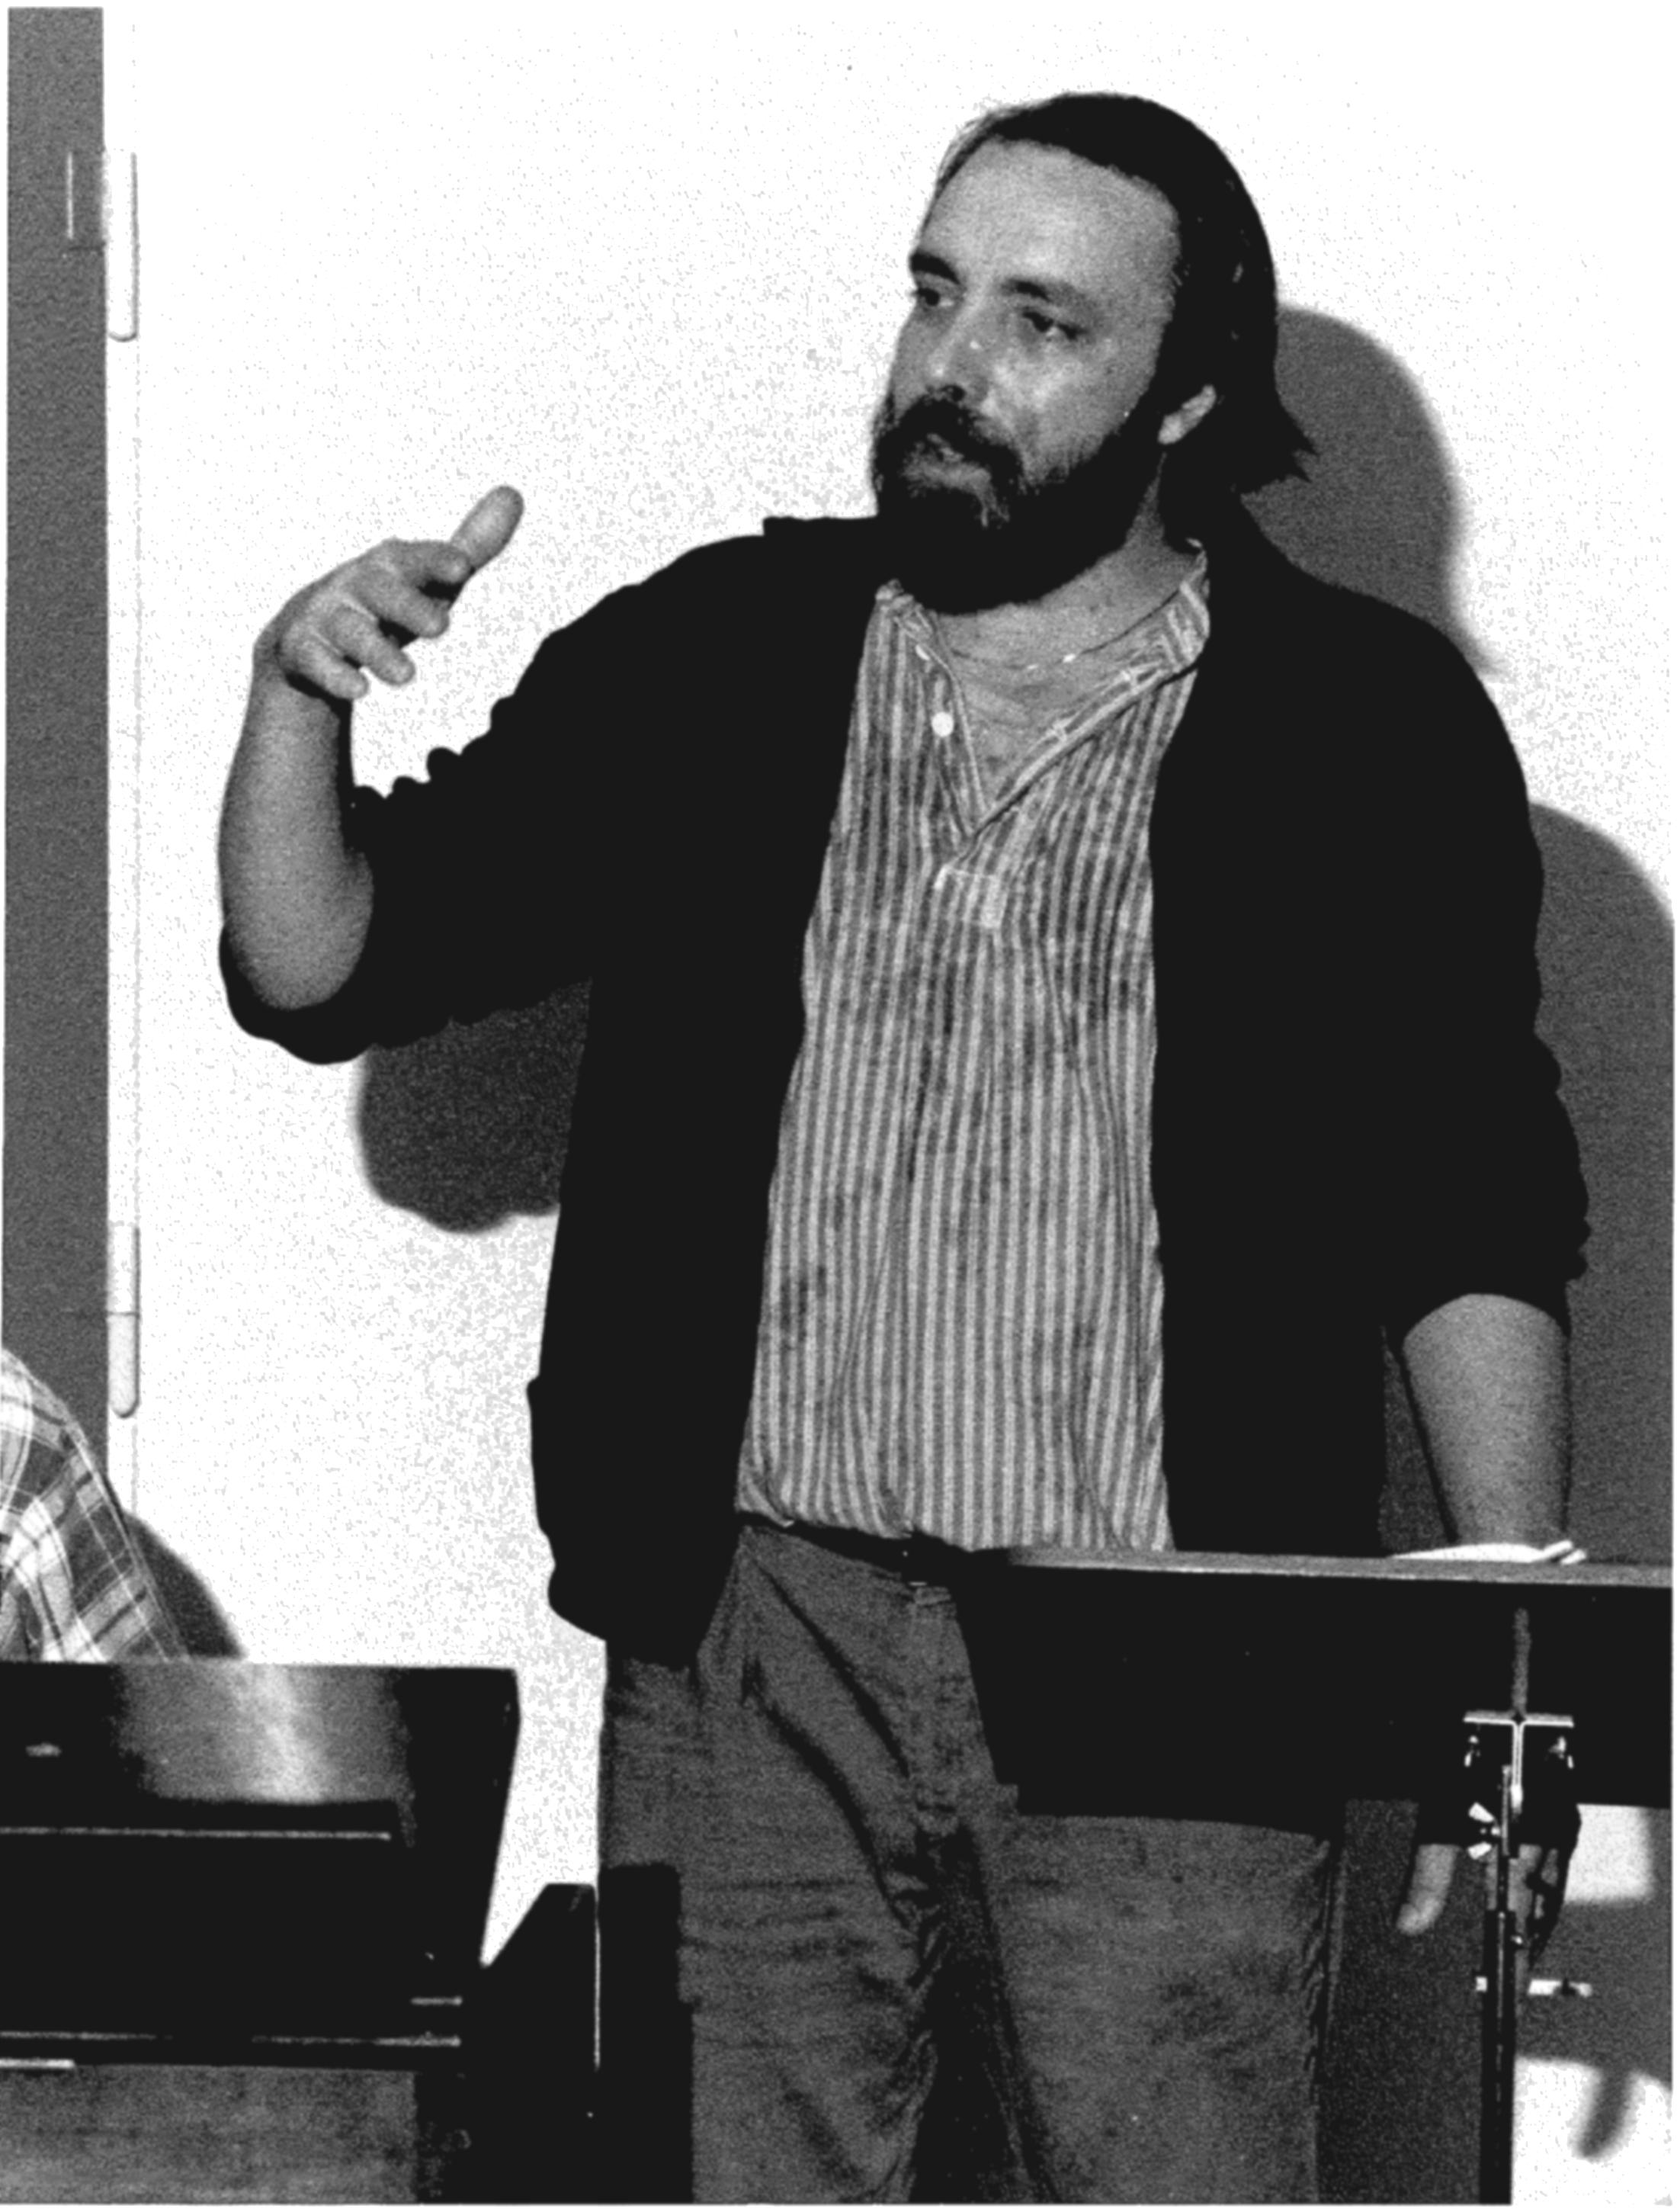 Butch Lacy var en mangeårig ven af orkestret, som stod bag talrige arrangementer. Her ses han under det musikpædagogiske arbejde med skolekoncerterne.